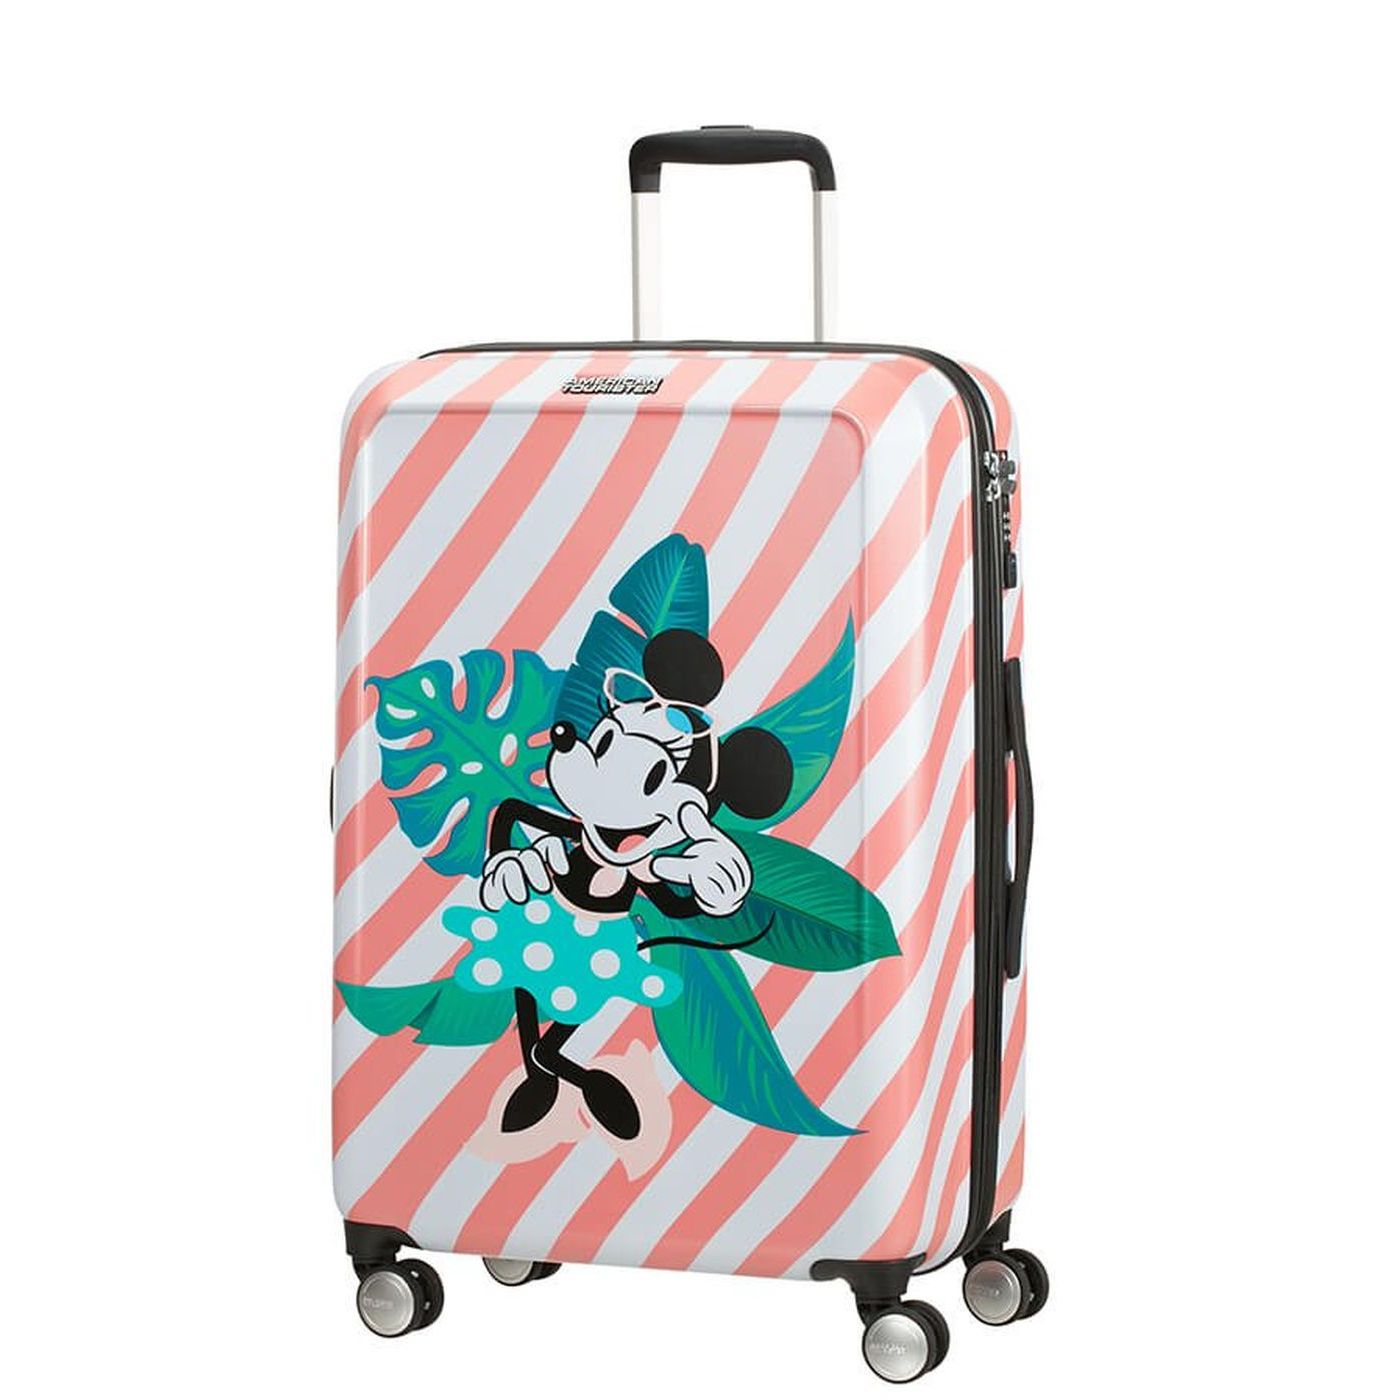 ec2d331dc65 Cestovný kufor American Tourister Funlight Disney Spinner 67 48C*002  zväčšiť obrázok